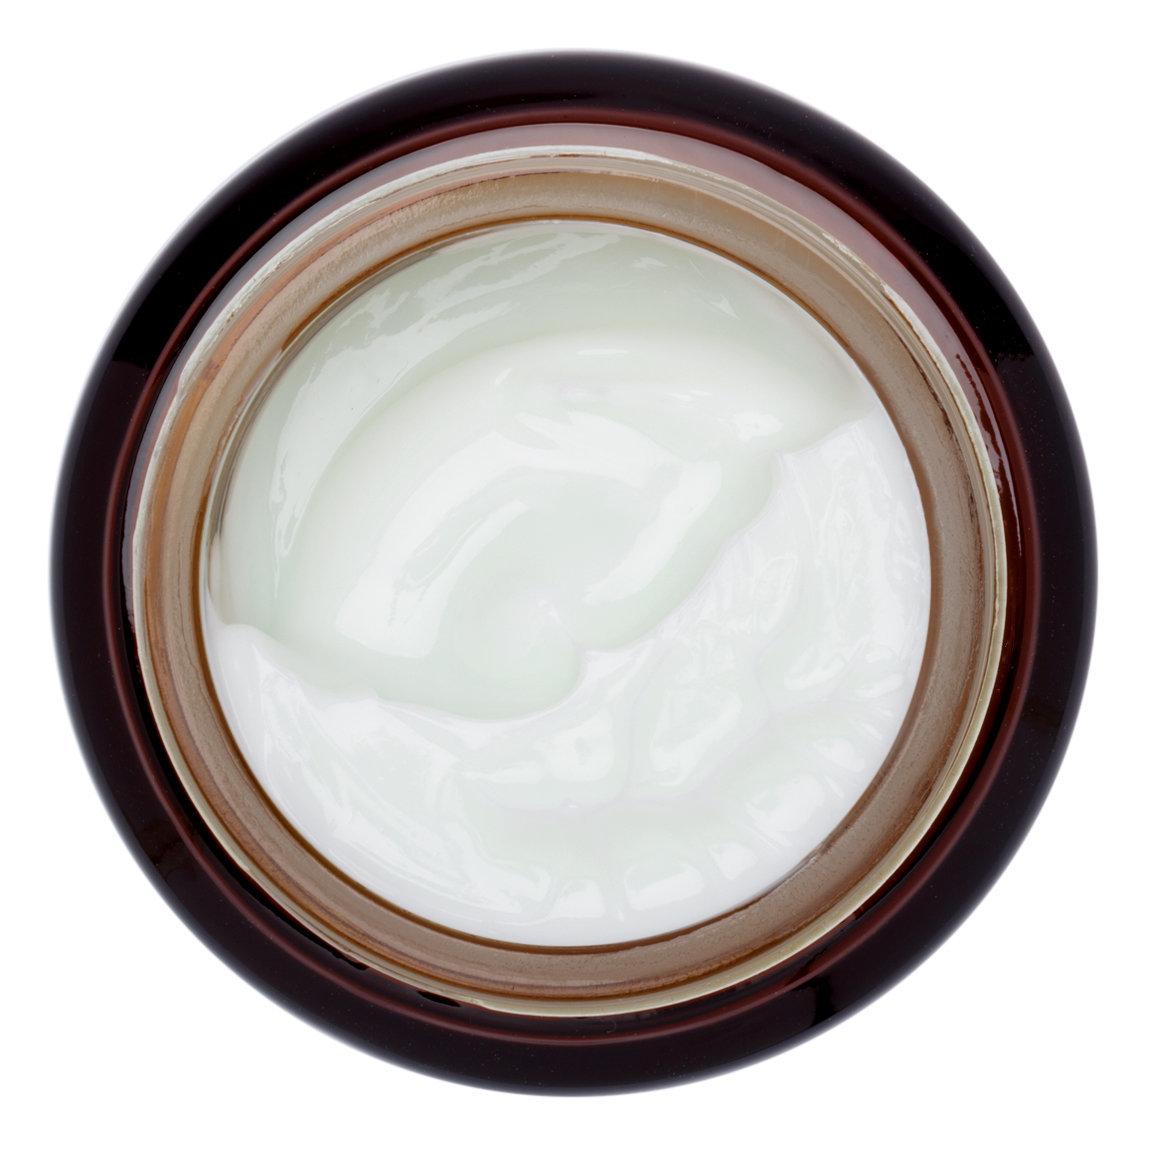 IT Cosmetics  Bye Bye Redness Skin Relief Treatment Moisturizer alternative view 1.